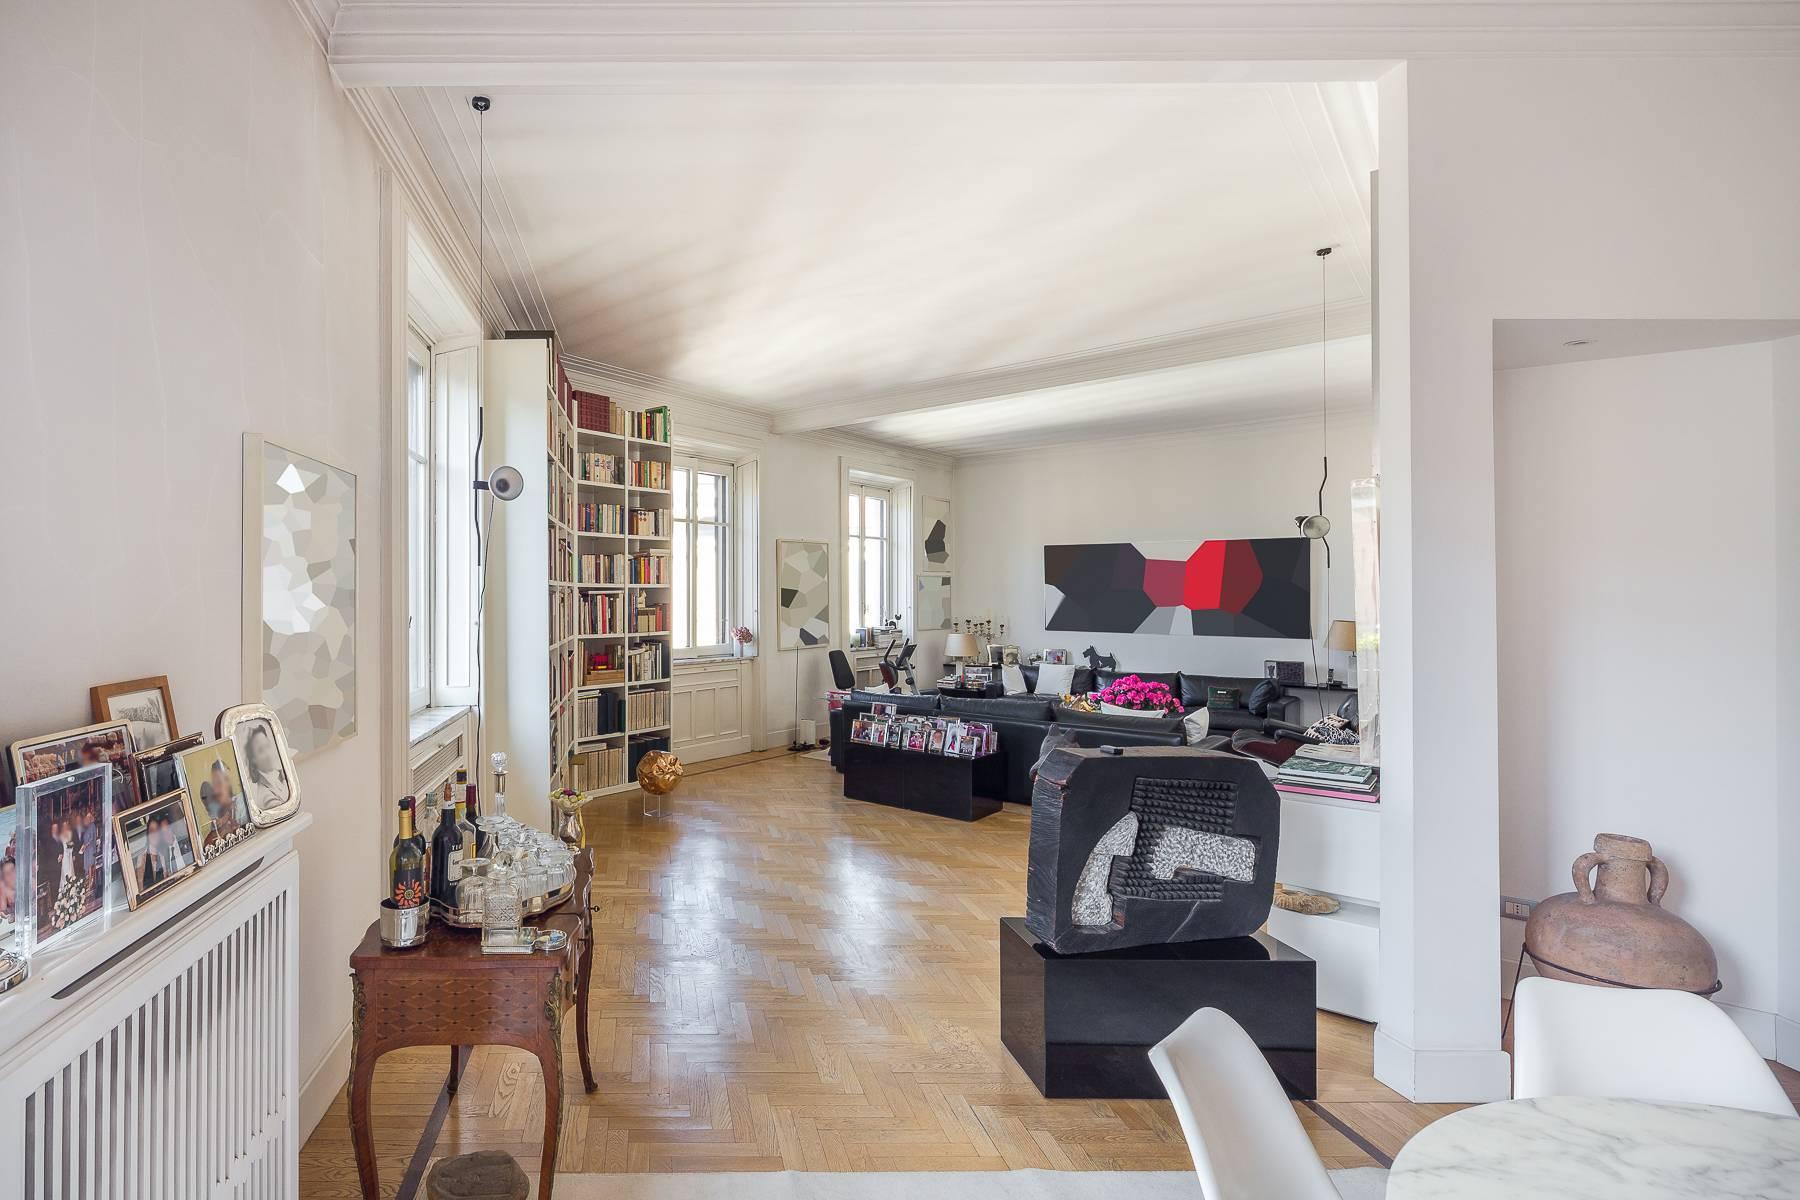 Appartamento esclusivo di 200 mq in nuda proprietà in un palazzo d'epoca - 16